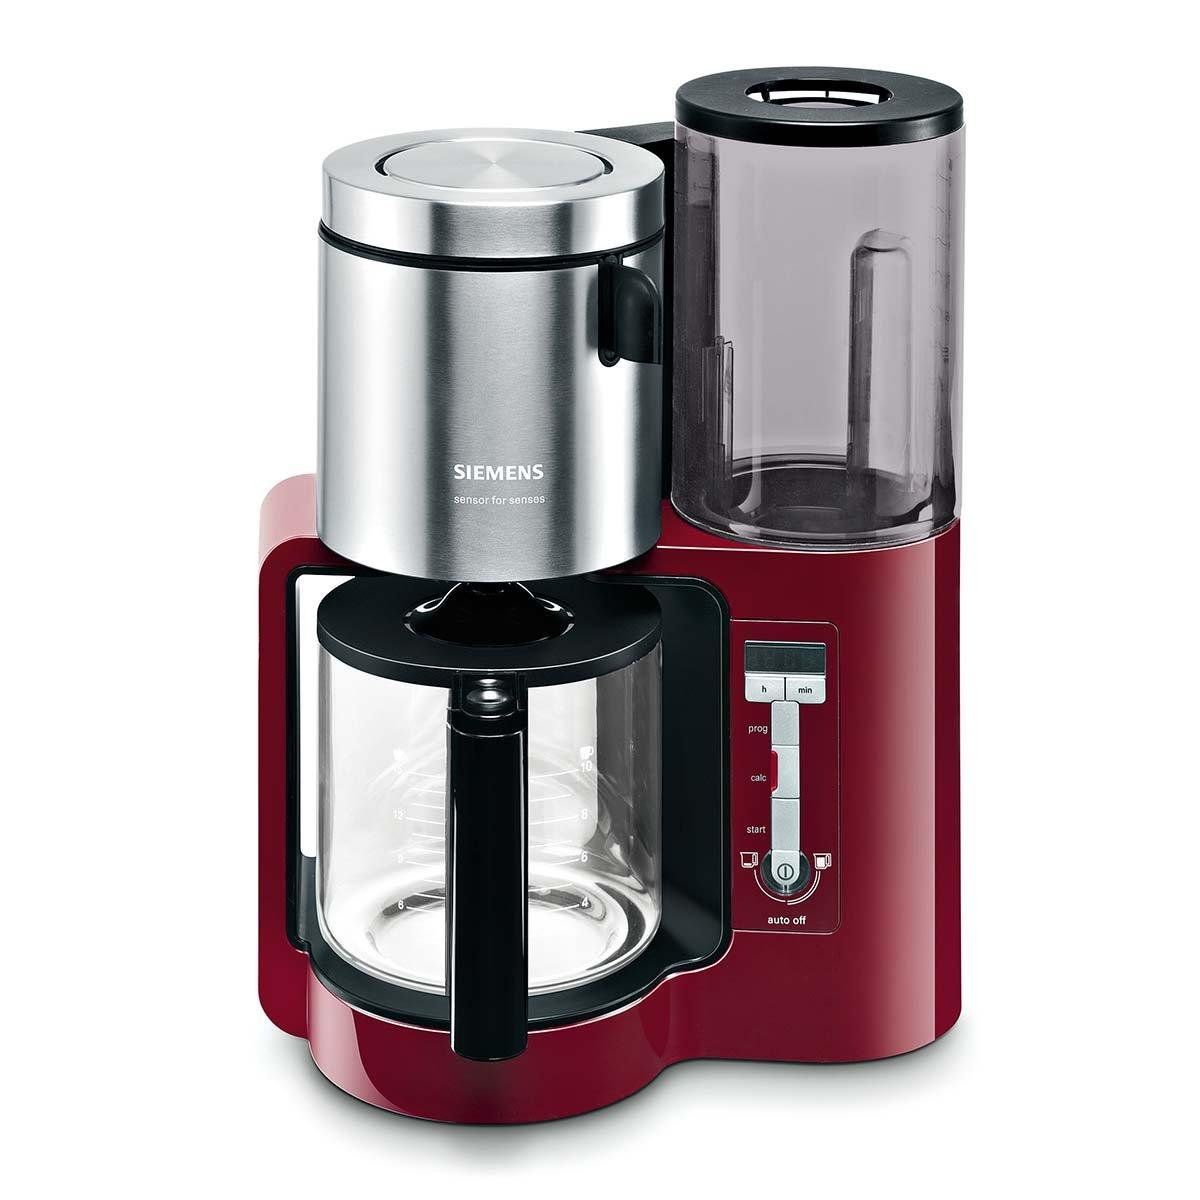 Siemens TC86304 - Cafetera automática (1160 W, 10-15 tazas), color rojo